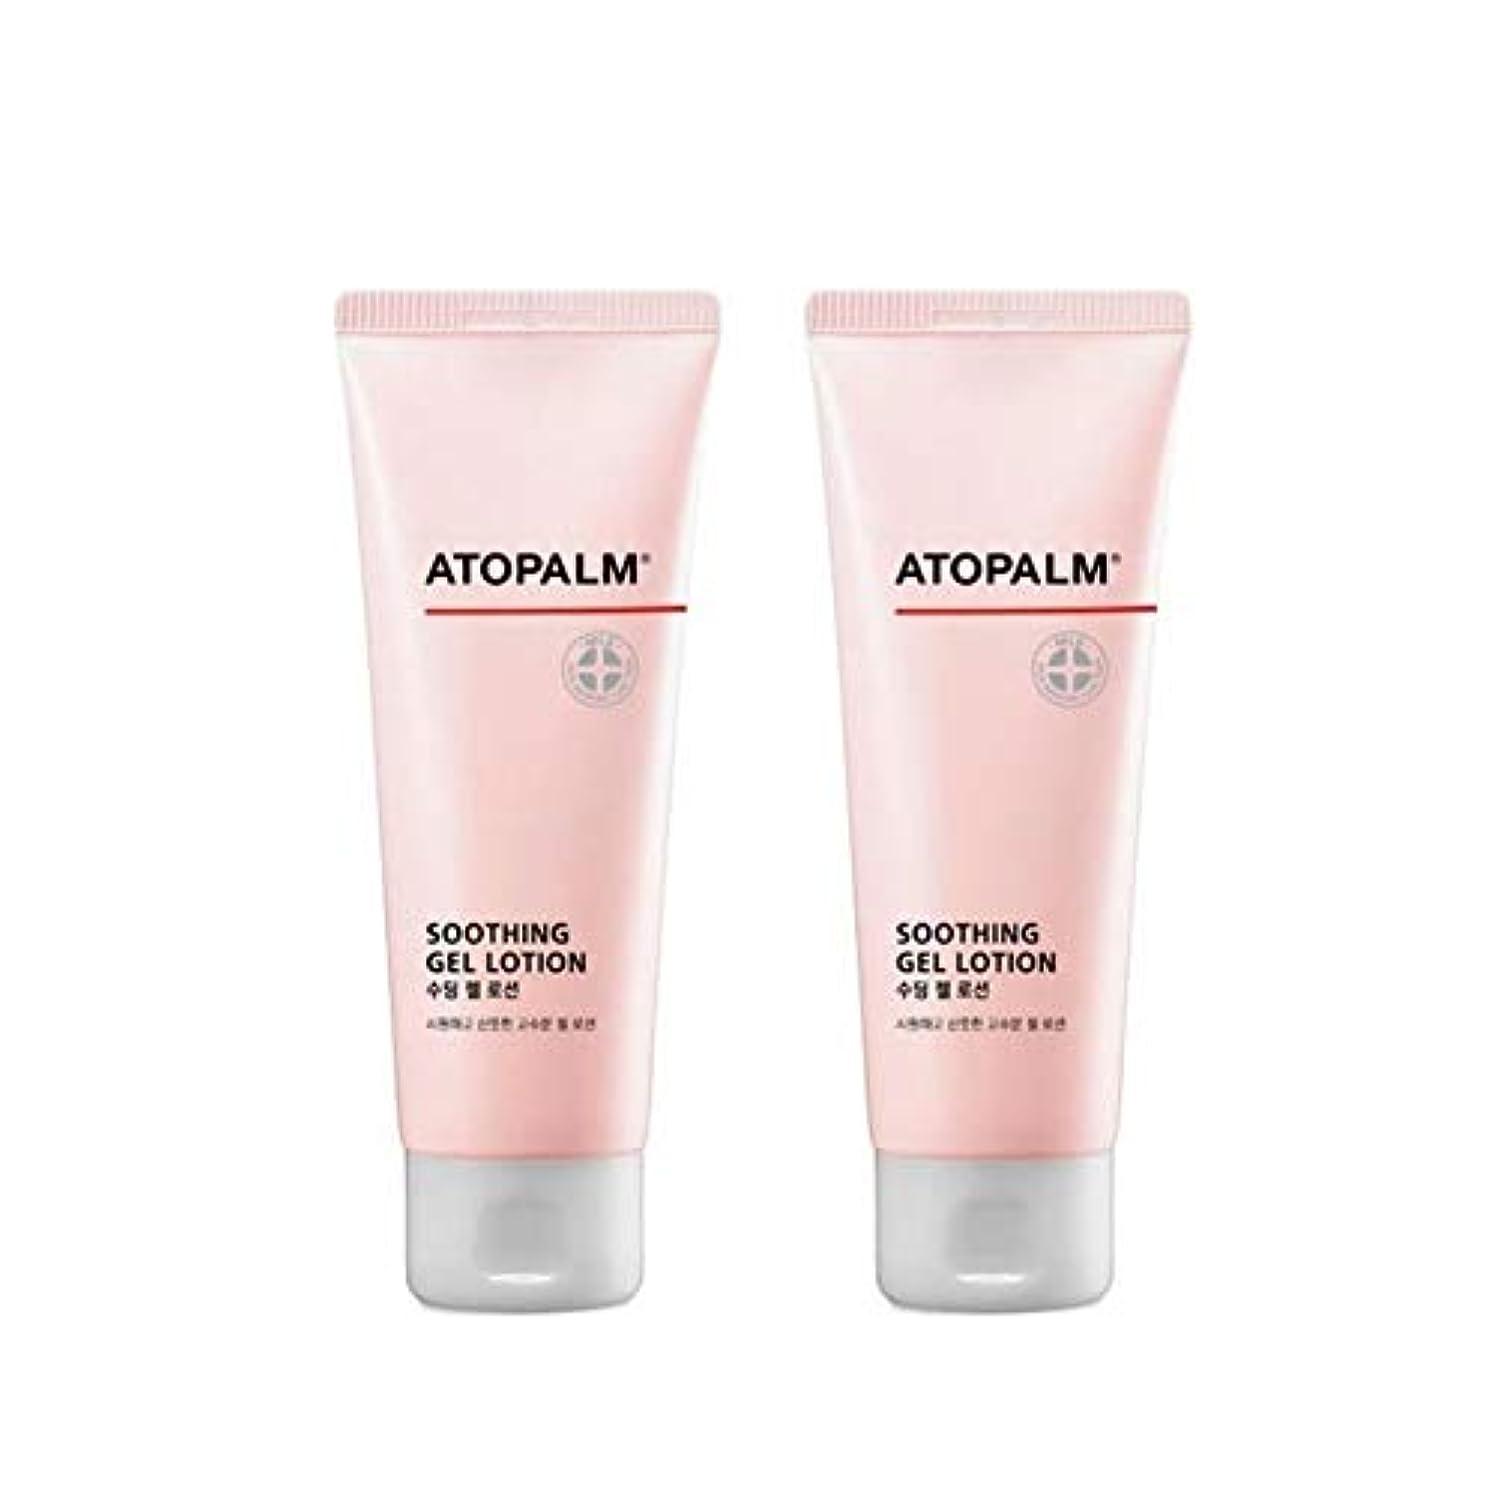 一次アーサーコナンドイルフェザーアトパムスディンジェルローション120mlx2本セットベビーローション韓国コスメ、Atopalm Soothing Gel Lotion 120ml x 2ea Set Baby Lotion Korean Cosmetics...